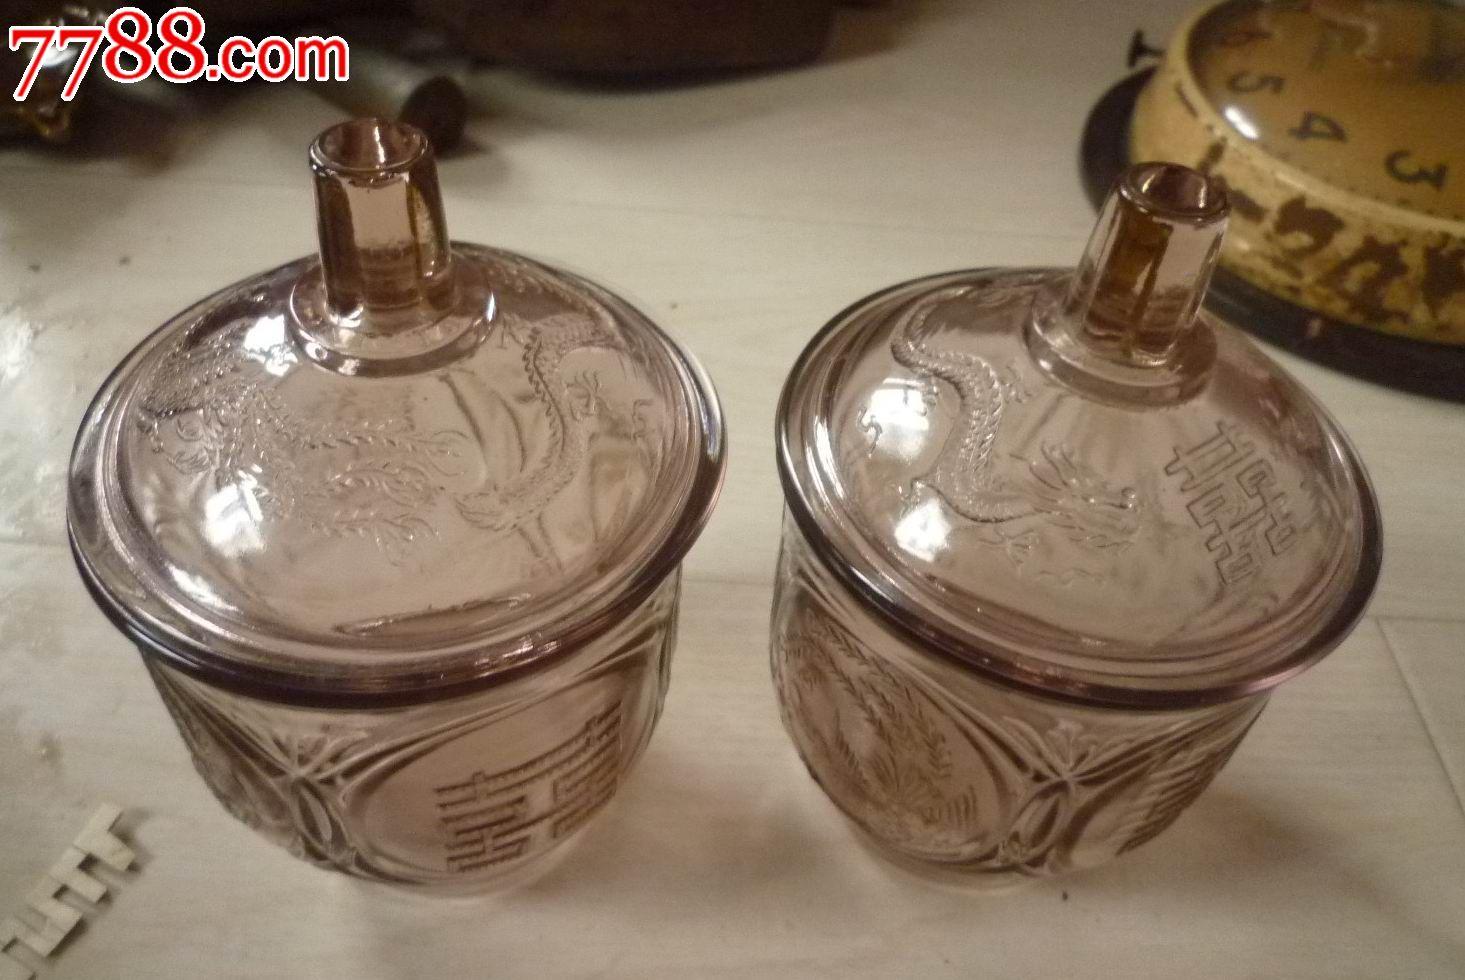 怀旧经典收藏老式双喜龙凤花纹茶粉色透明玻璃糖罐一对